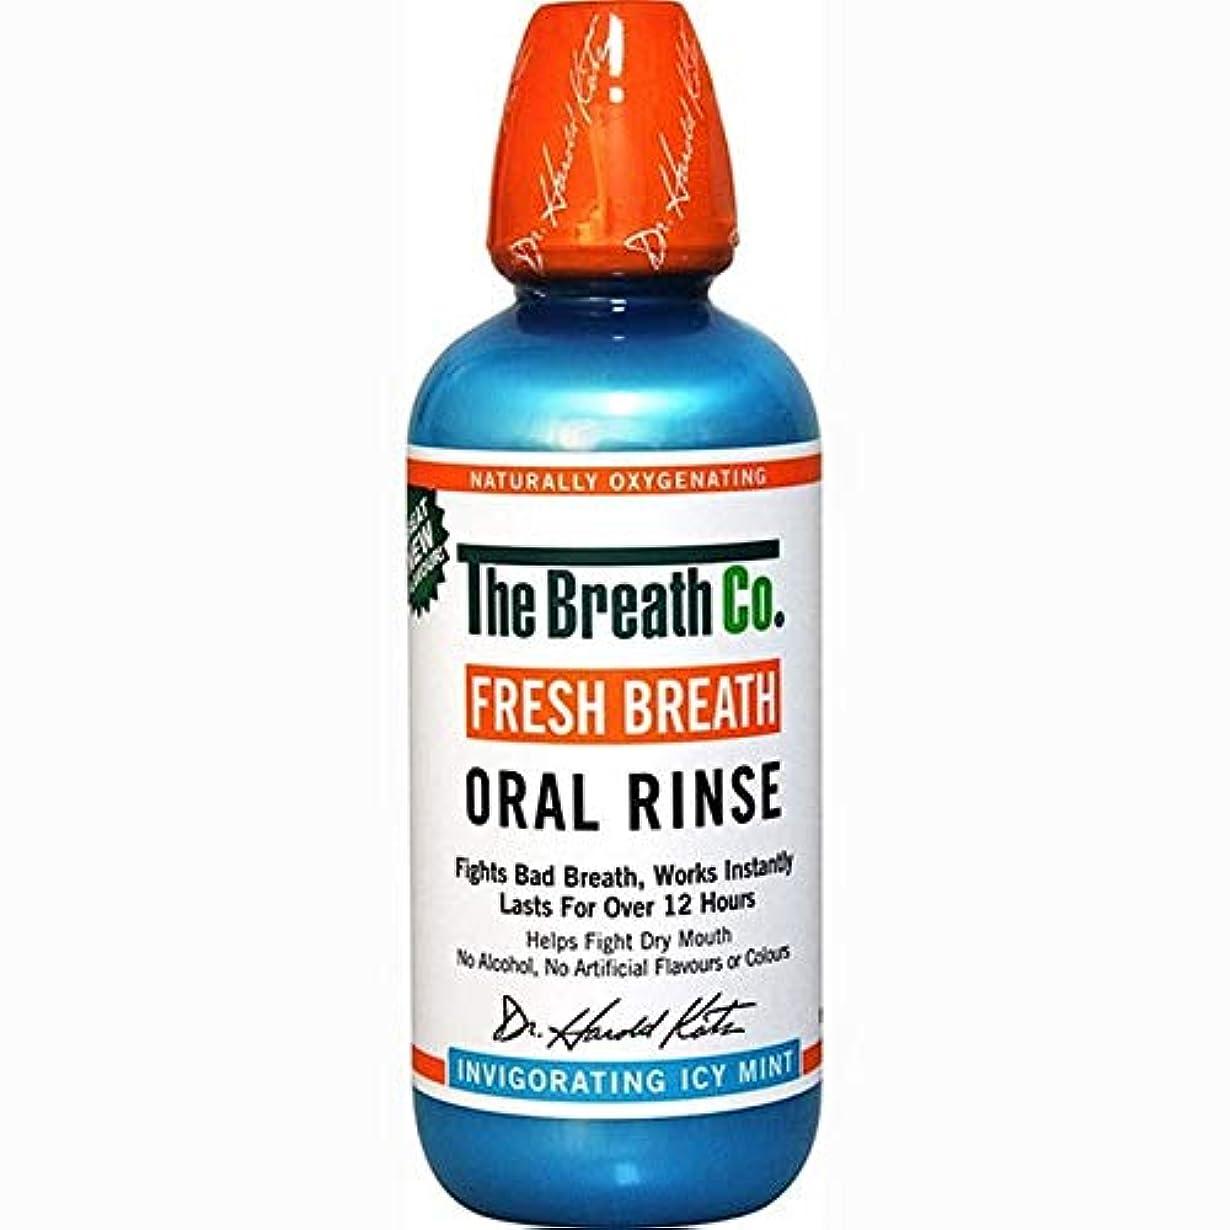 タクト嫌がらせ第九[The Breath Co] 息のCo新鮮な息口腔リンス氷のミント500ミリリットル - The Breath Co Fresh Breath Oral Rinse Icy Mint 500ml [並行輸入品]